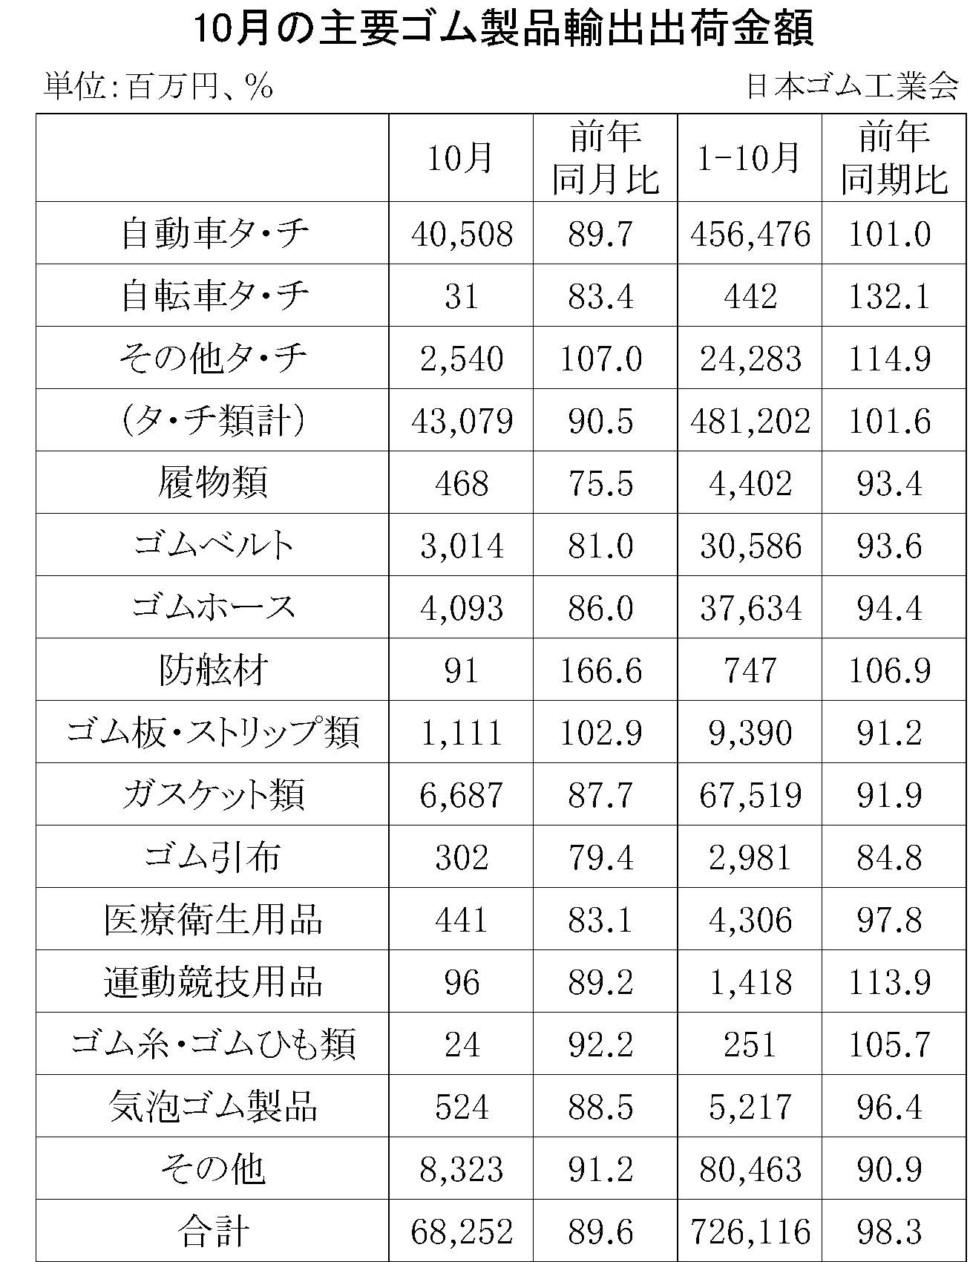 10月のゴム製品輸出金額